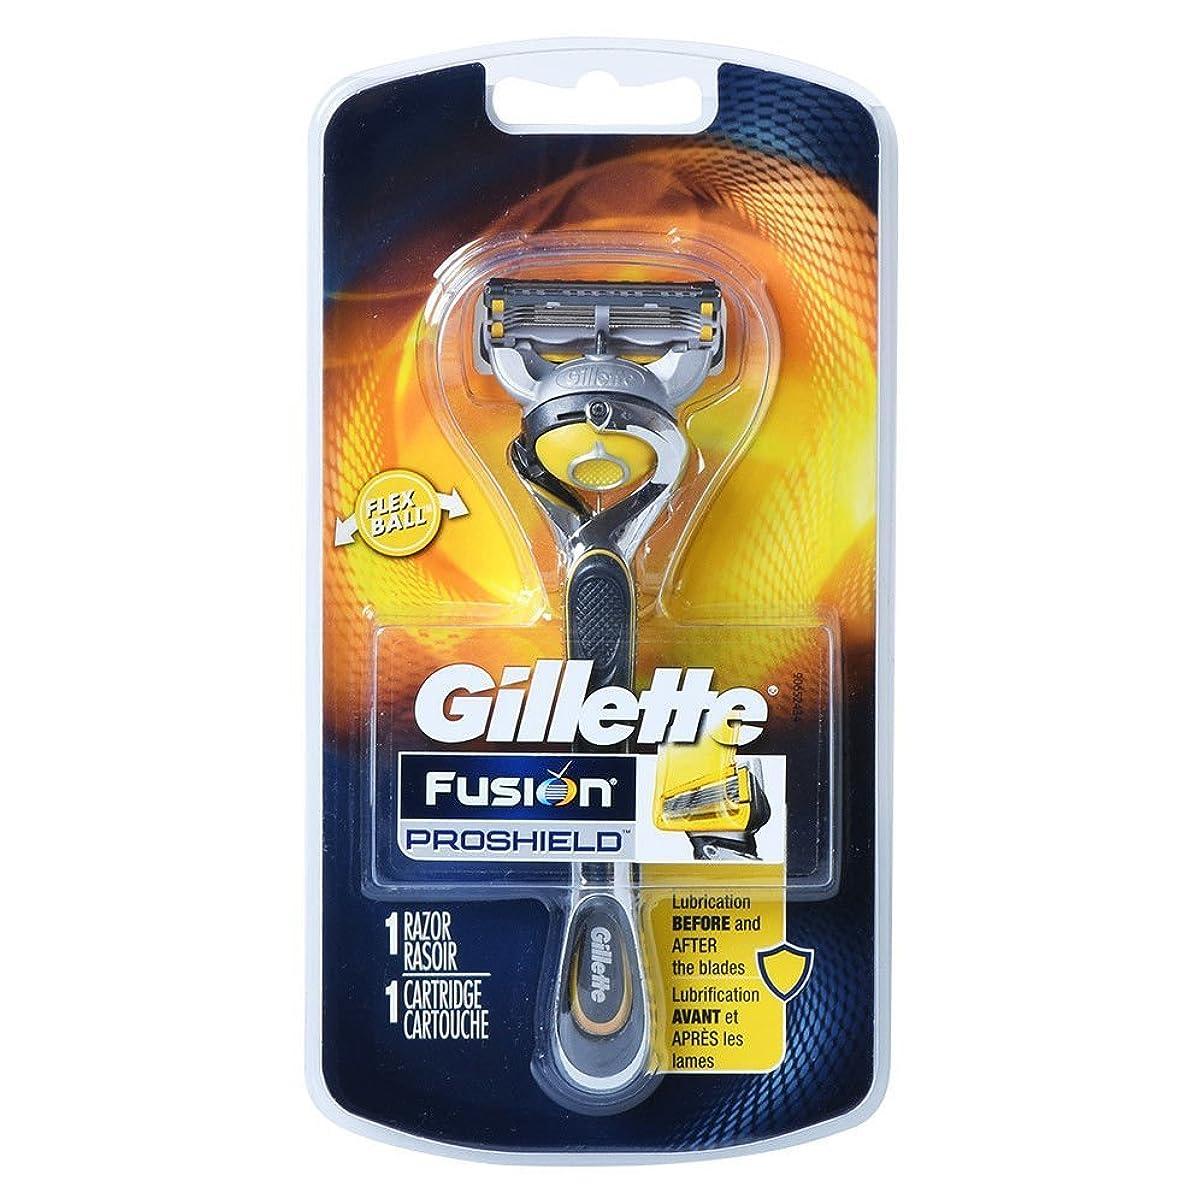 時々申込み反対Gillette Fusion Proshield Yellow フレックスボール剃刀でメンズカミソリ Refrills 1 [並行輸入品]